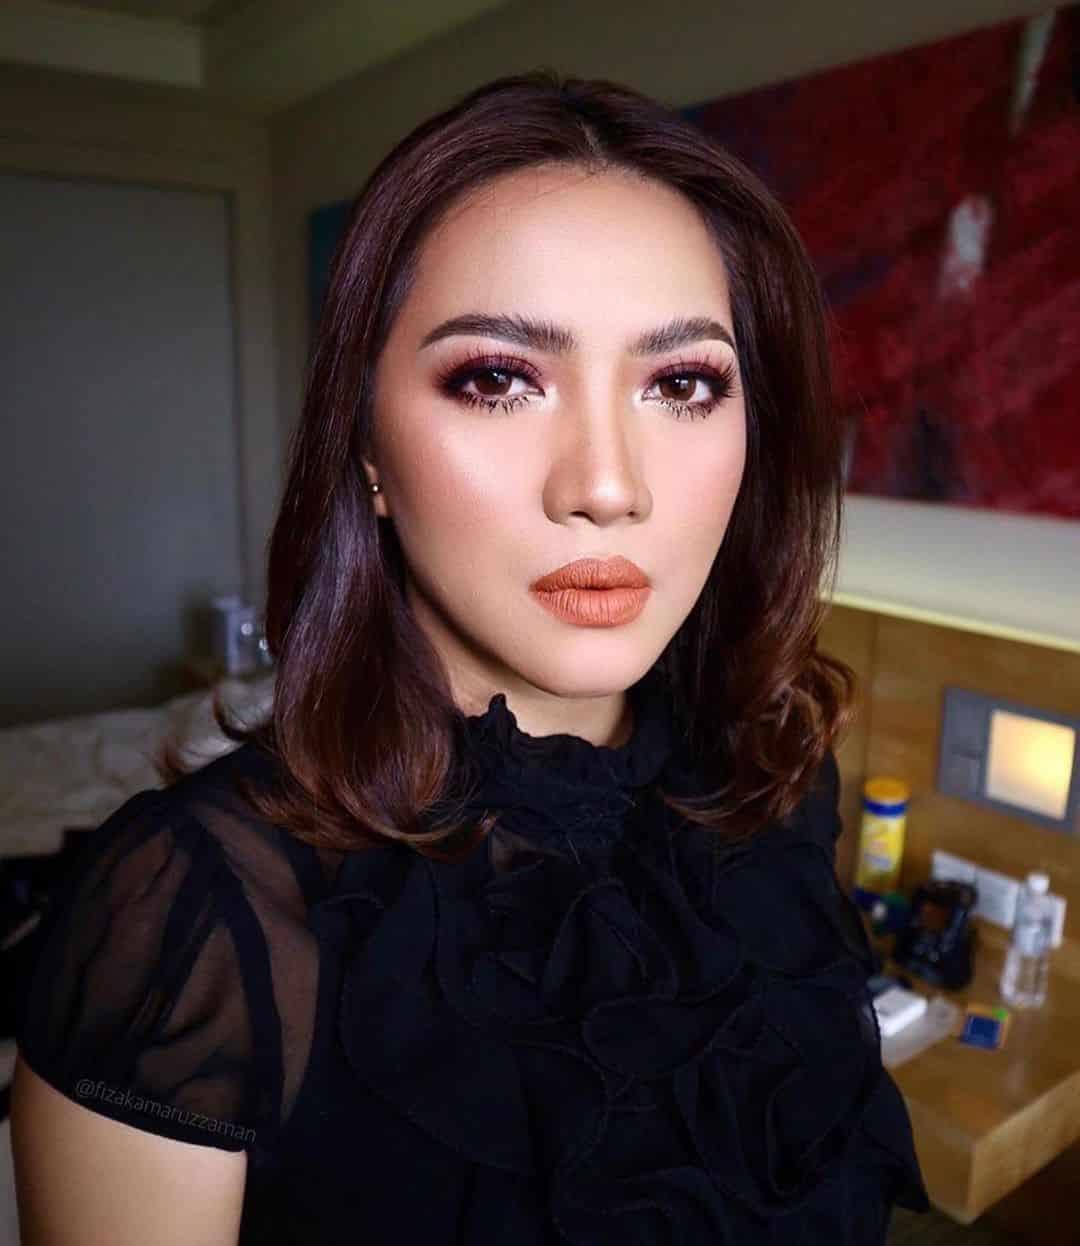 """Lagi Akaun Media Sosial Artis Kena Godam, Kali Ini Giliran Linda Nanuwil,-""""Geram, Nak Nangis Pun Ada!"""" 4"""